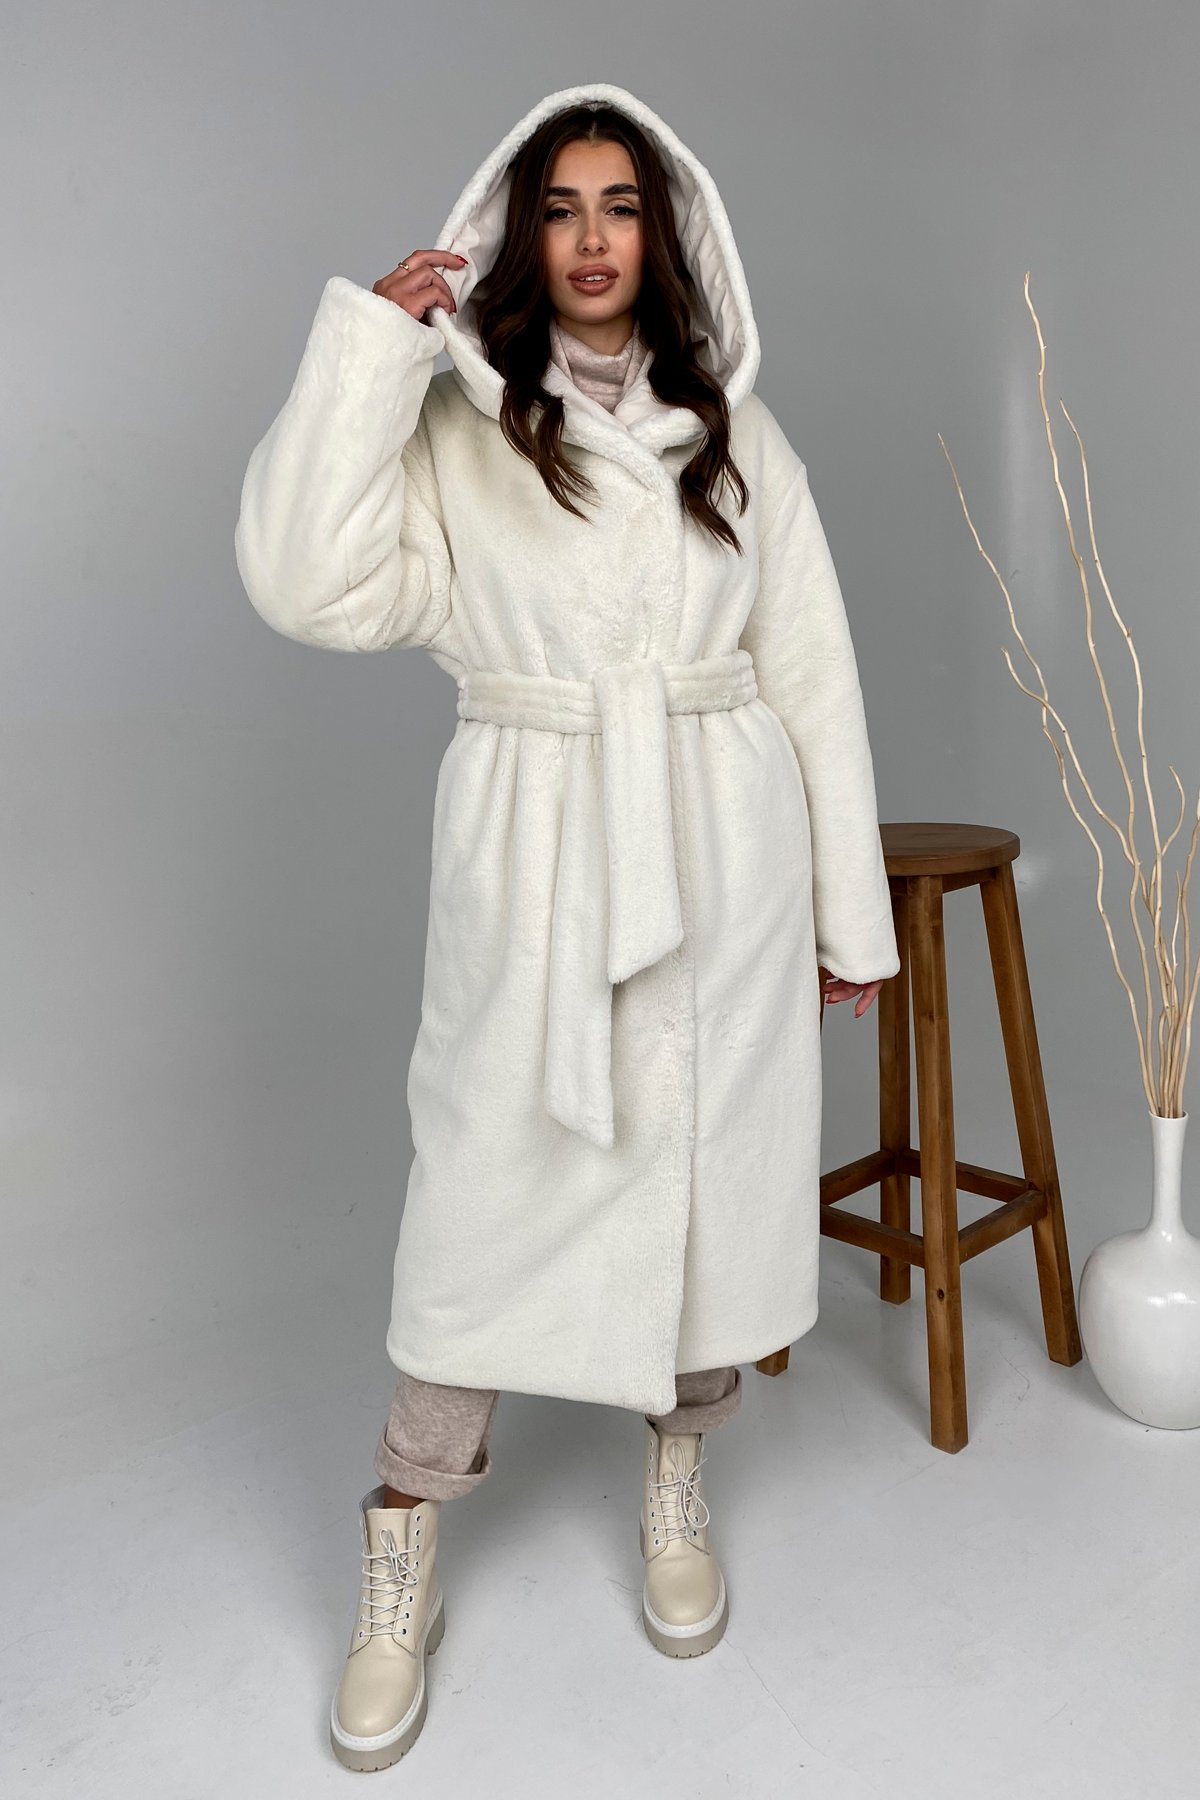 Сноу  теплое двухстороннее пальто из  еко меха и плотной  плащевки 9956 АРТ. 46243 Цвет: Молоко - фото 6, интернет магазин tm-modus.ru